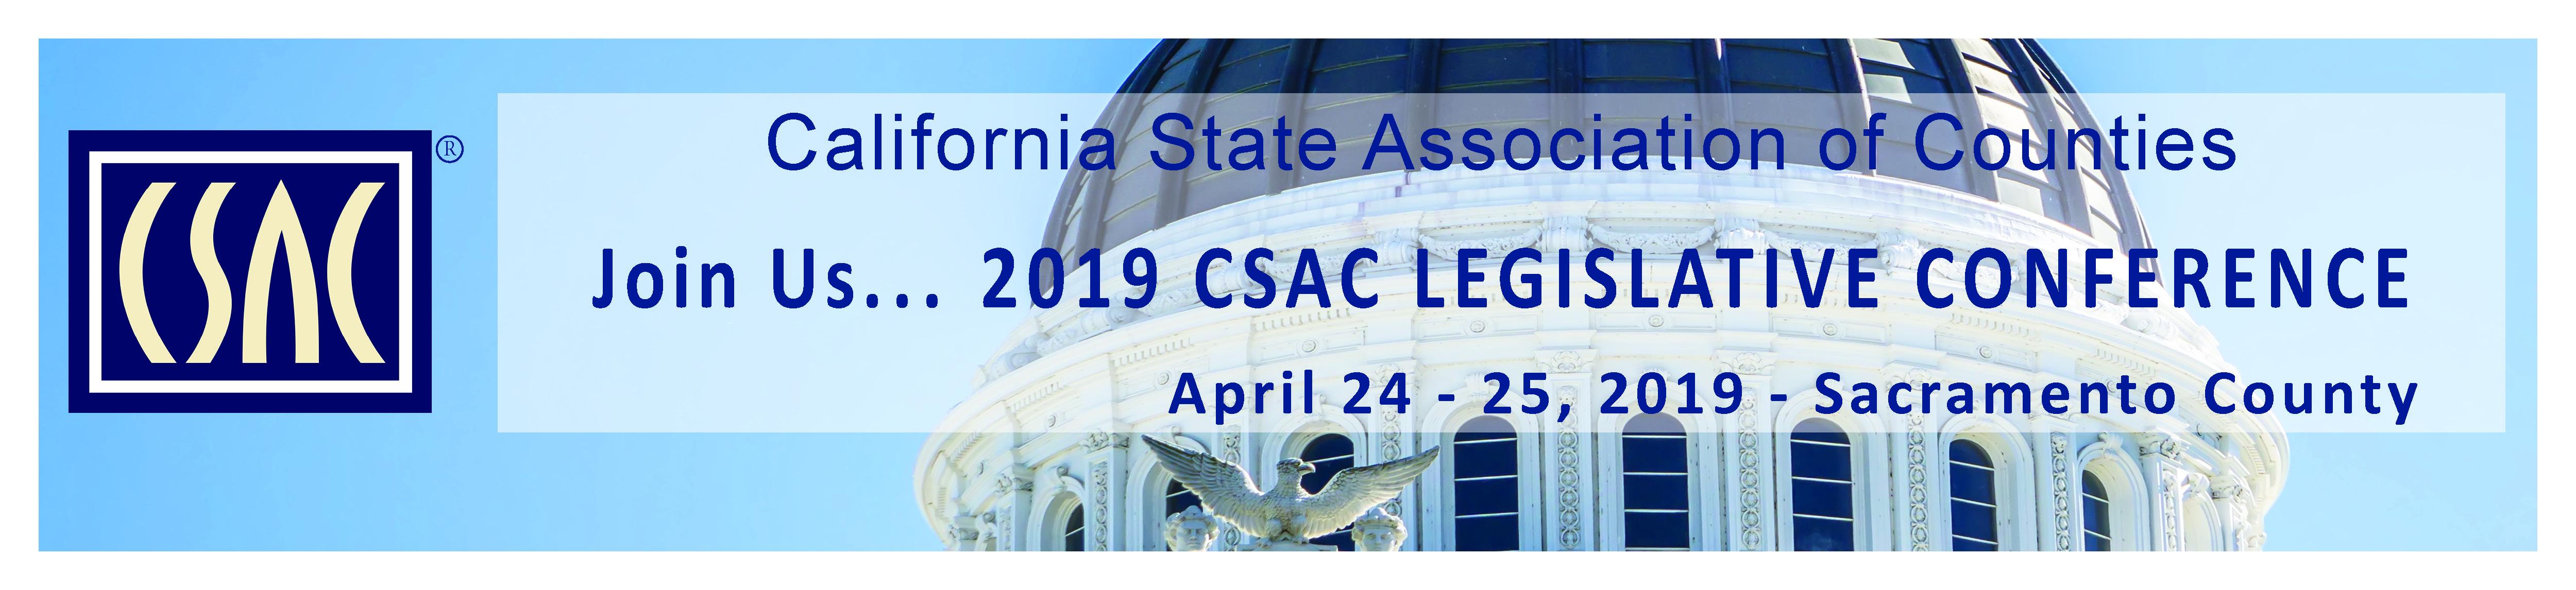 CSAC 2019 Legislative Conference